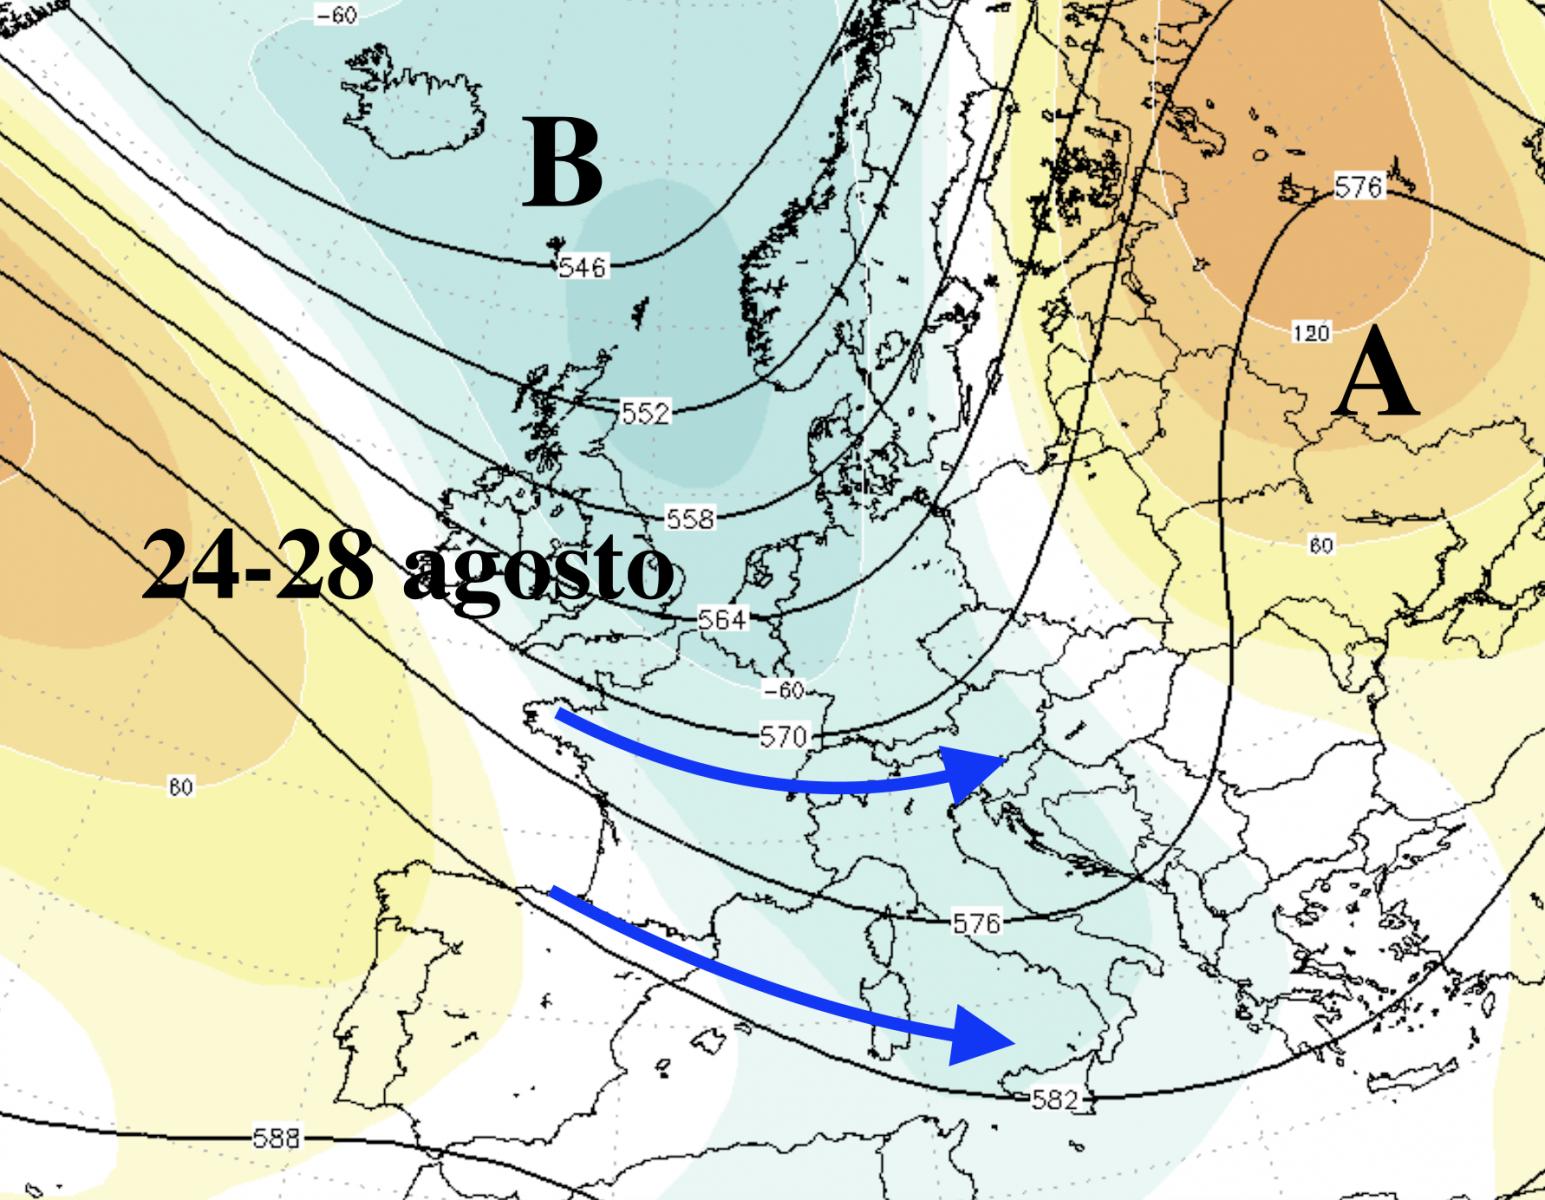 Estate in crisi nel weekend: temporali e temperature in calo